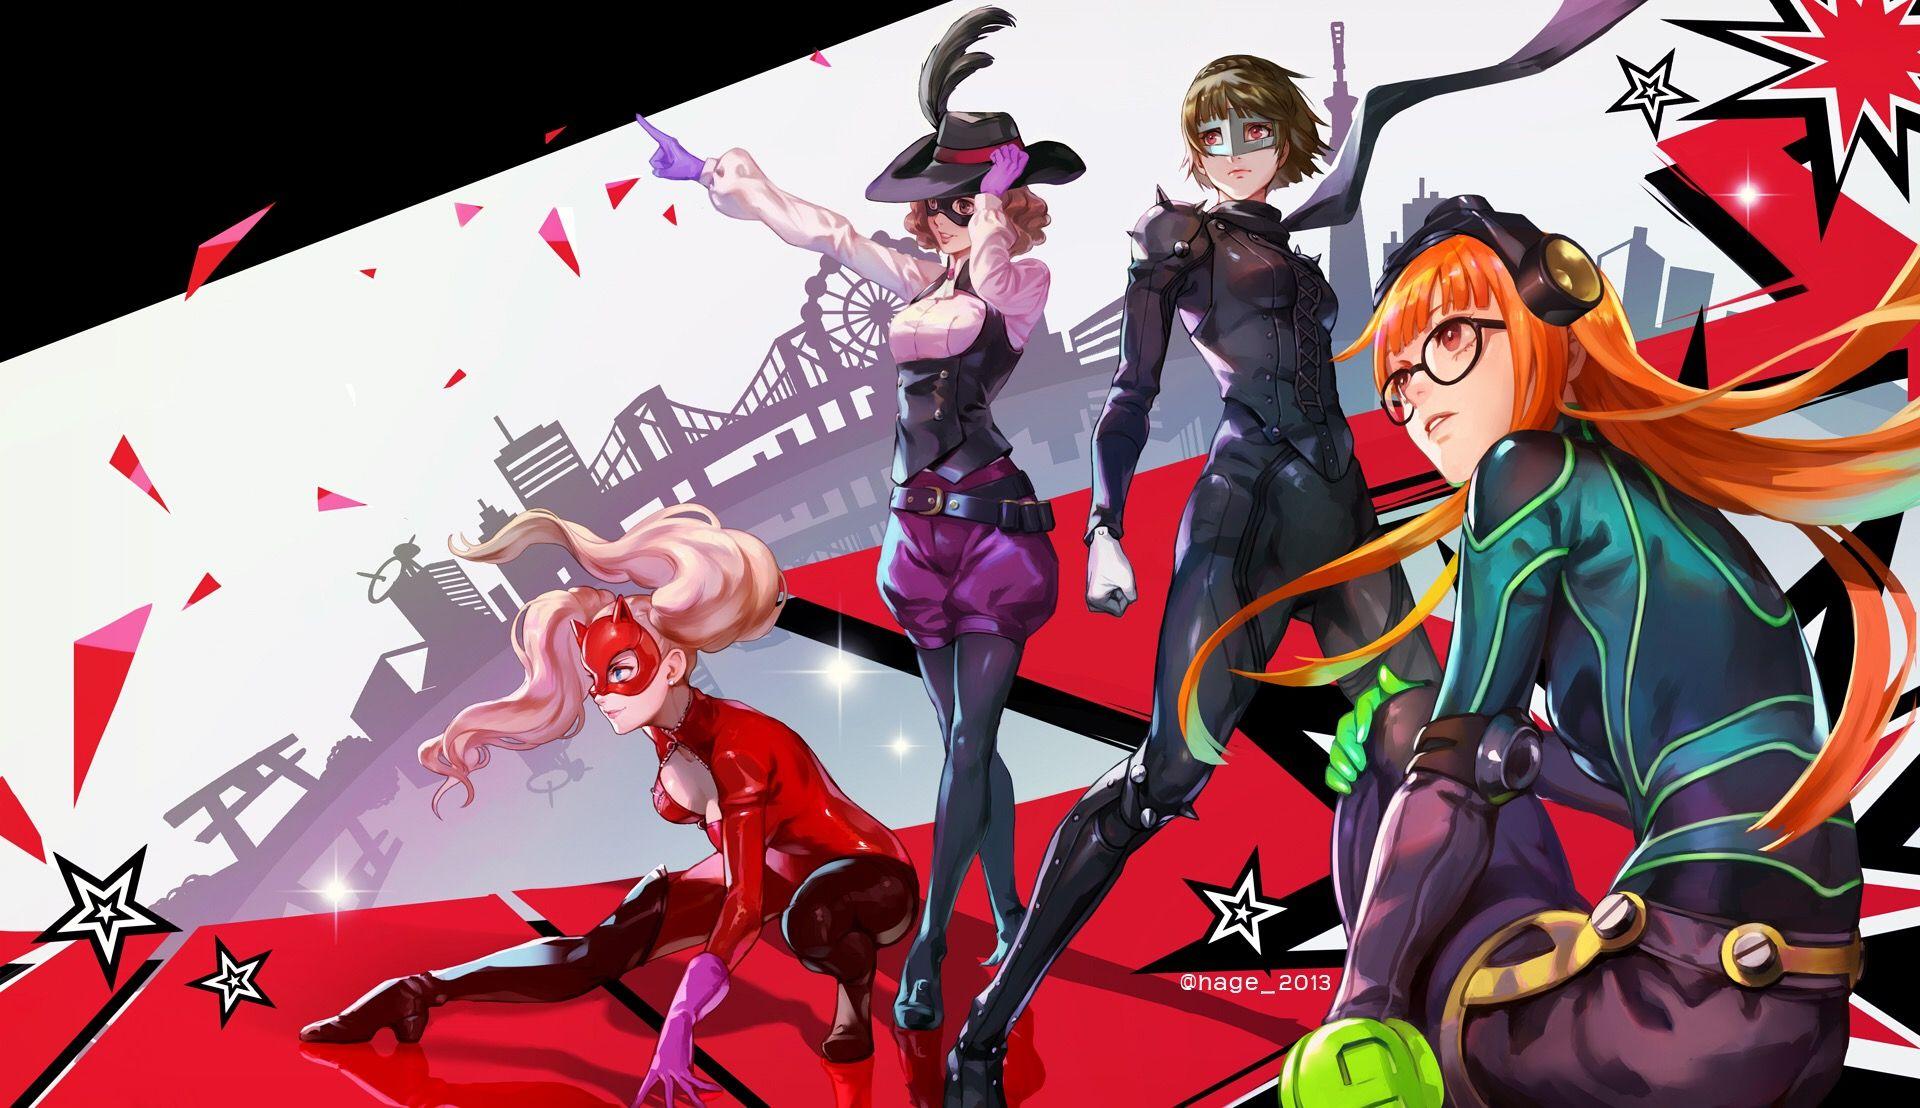 ペルソナ5 P5 girls hageのイラスト Persona 5, Persona 5 ann